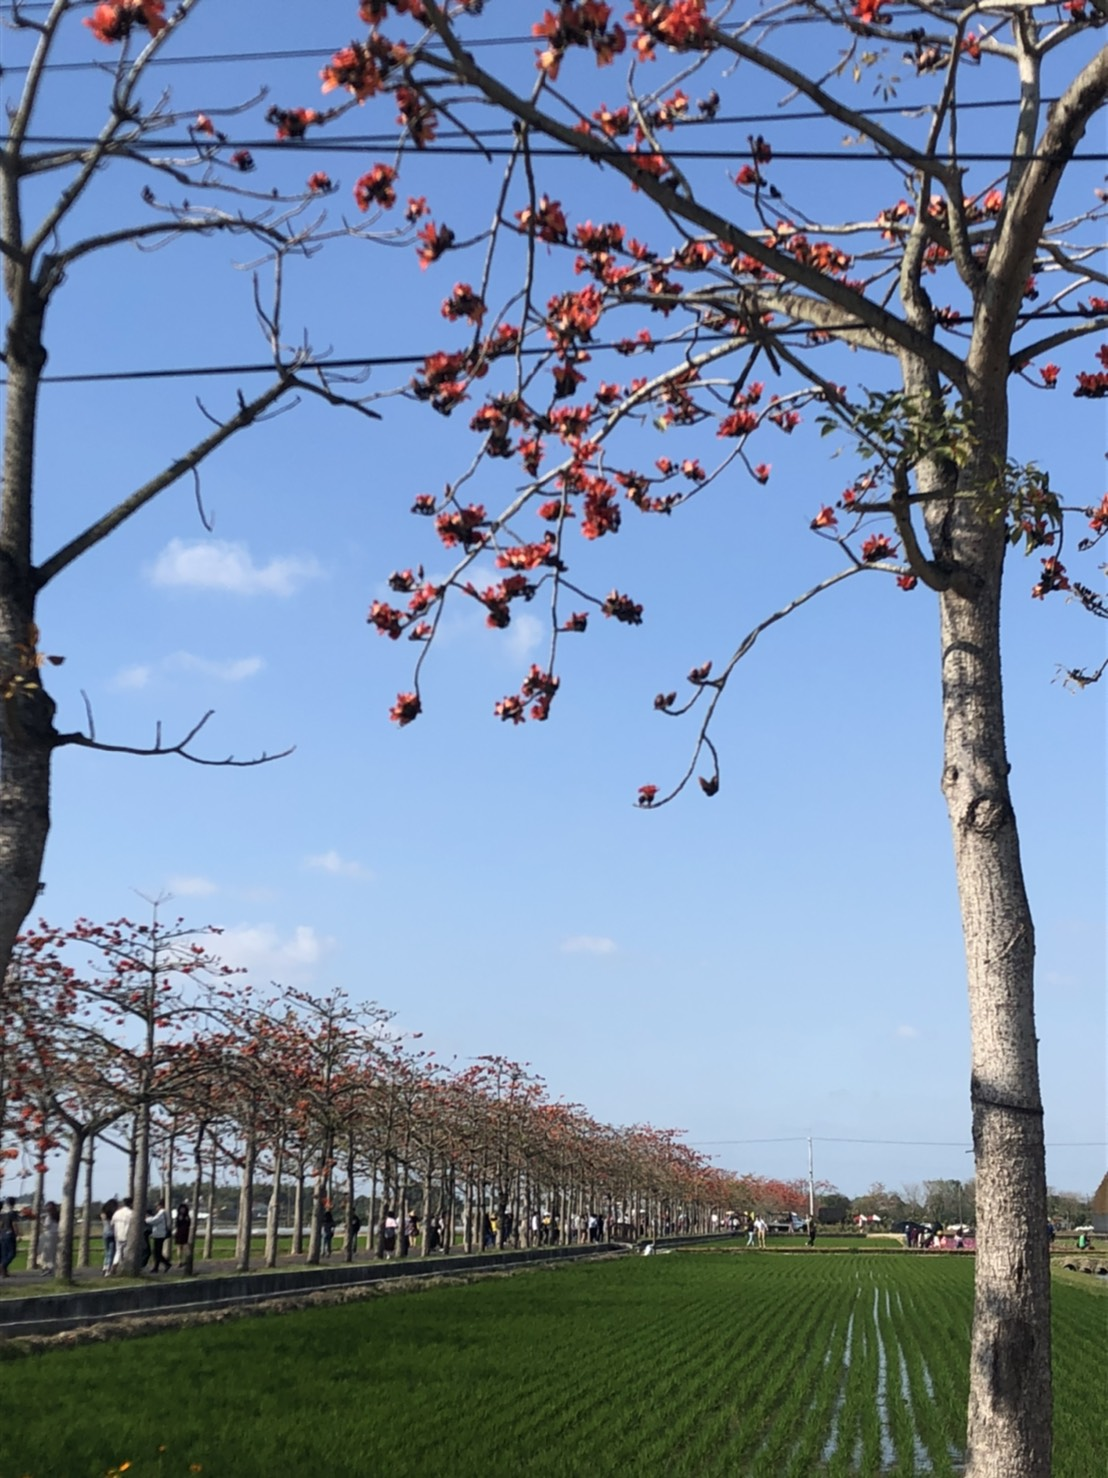 2月26日木棉花道開花狀況照片圖2